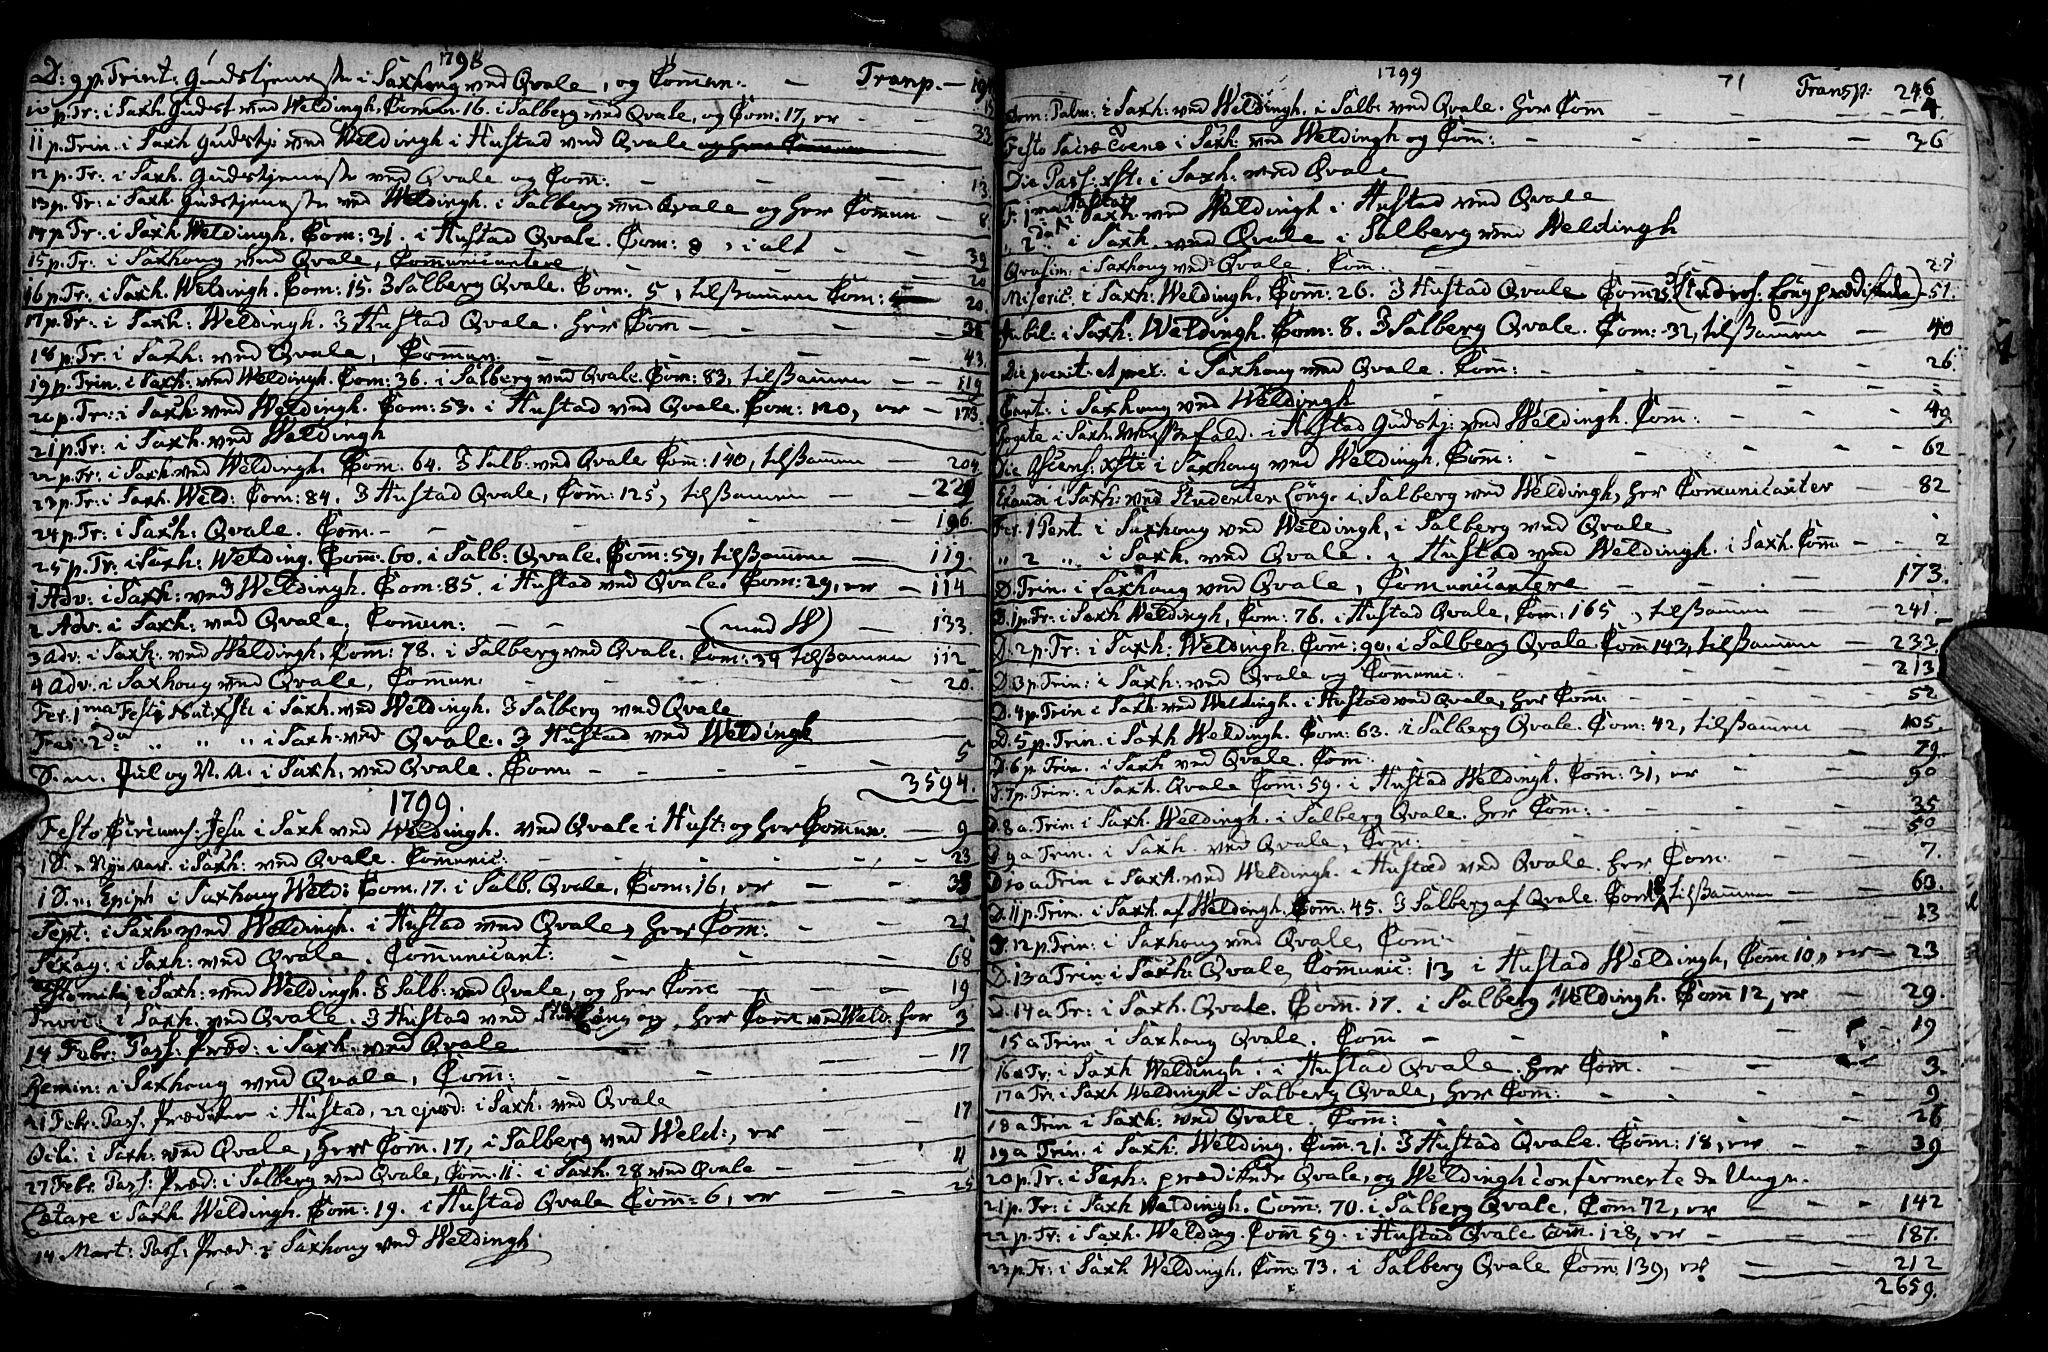 SAT, Ministerialprotokoller, klokkerbøker og fødselsregistre - Nord-Trøndelag, 730/L0273: Ministerialbok nr. 730A02, 1762-1802, s. 71